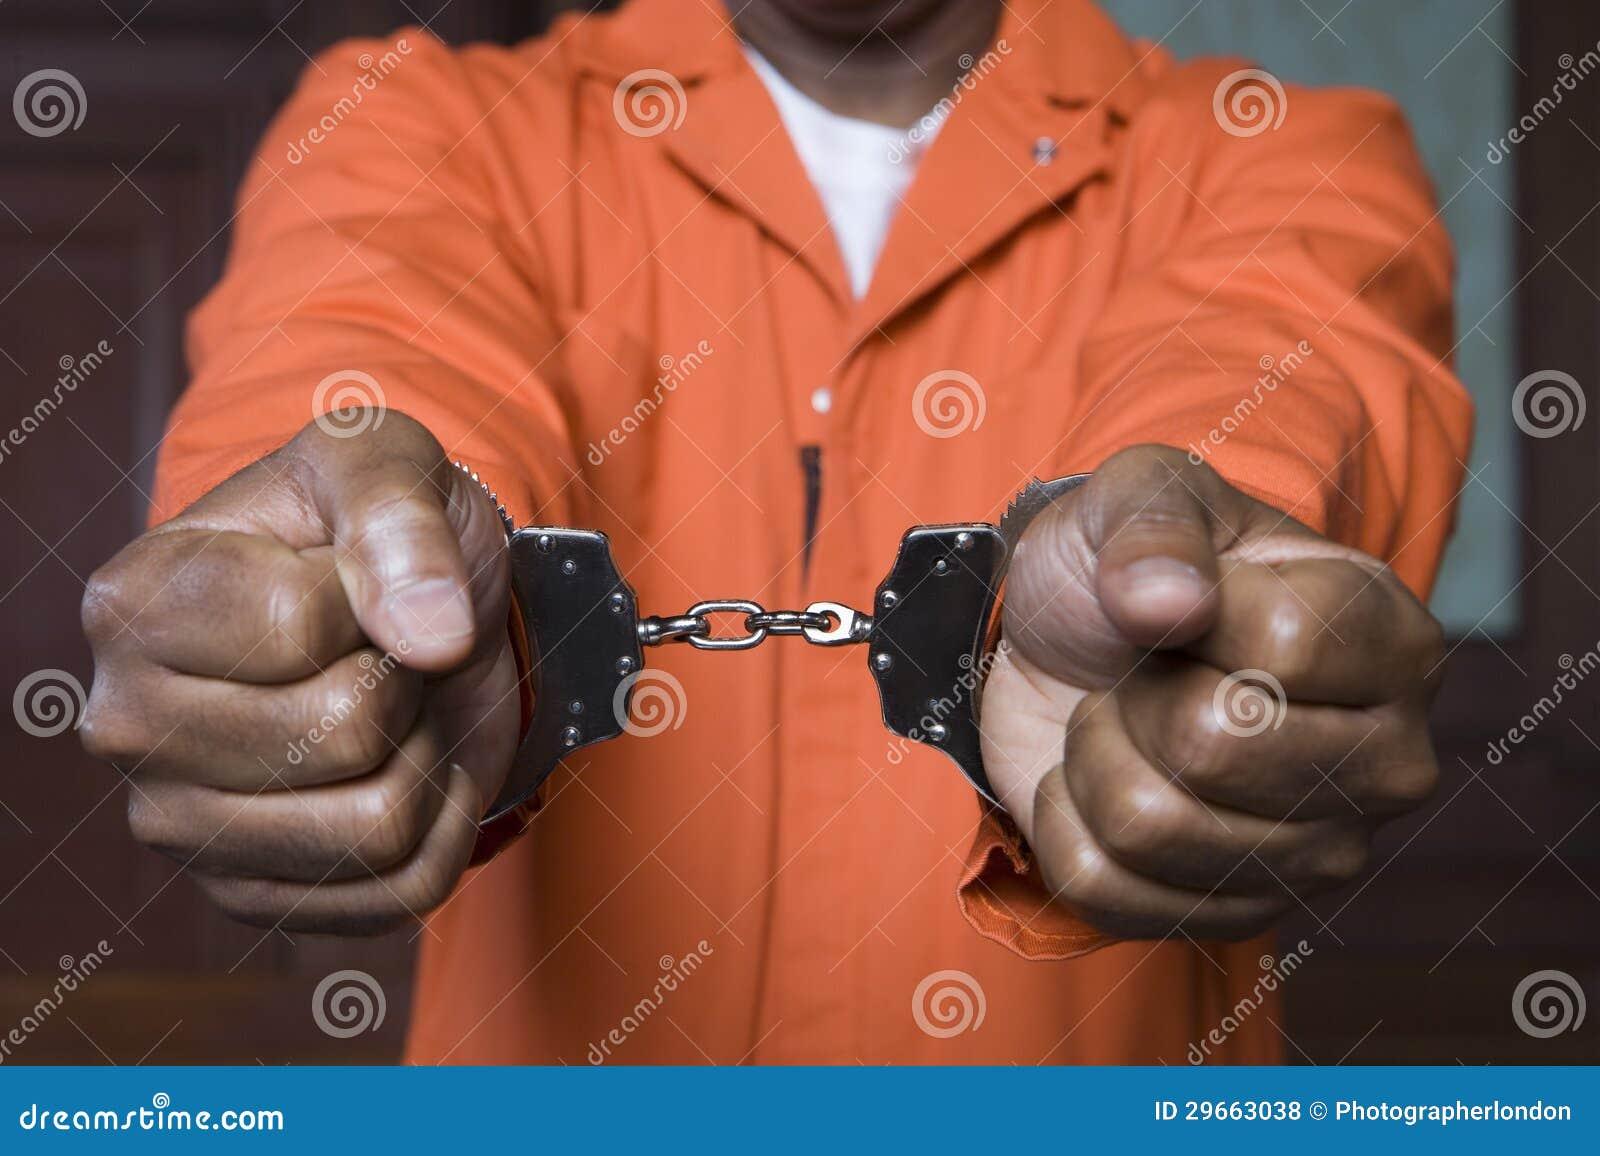 Δεμένος με χειροπέδες εγκληματίας